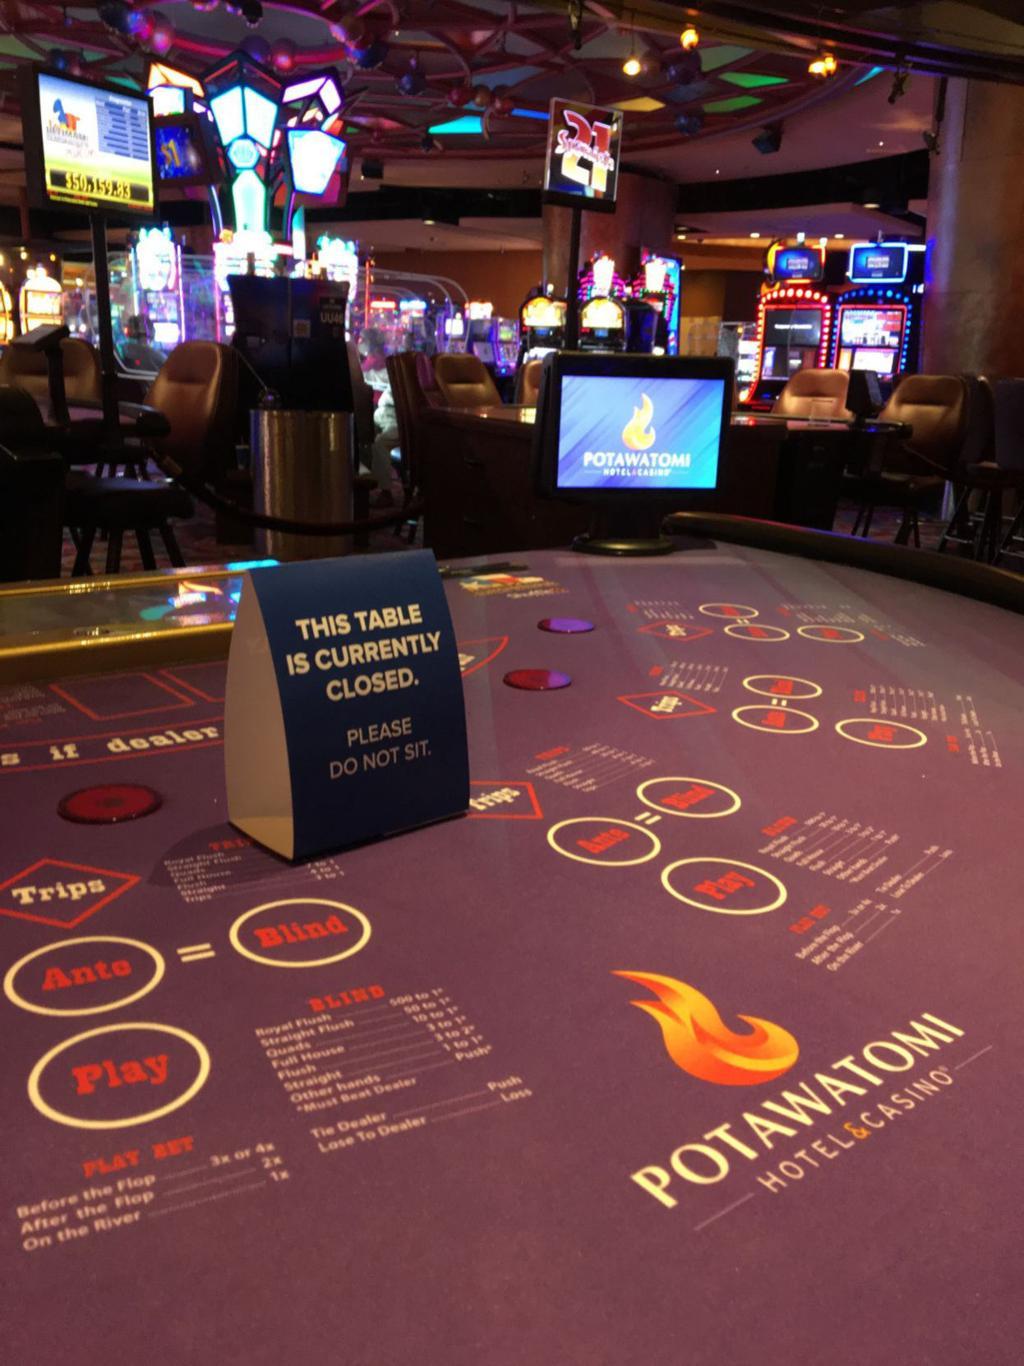 Best paying slots at potawatomi slot machine